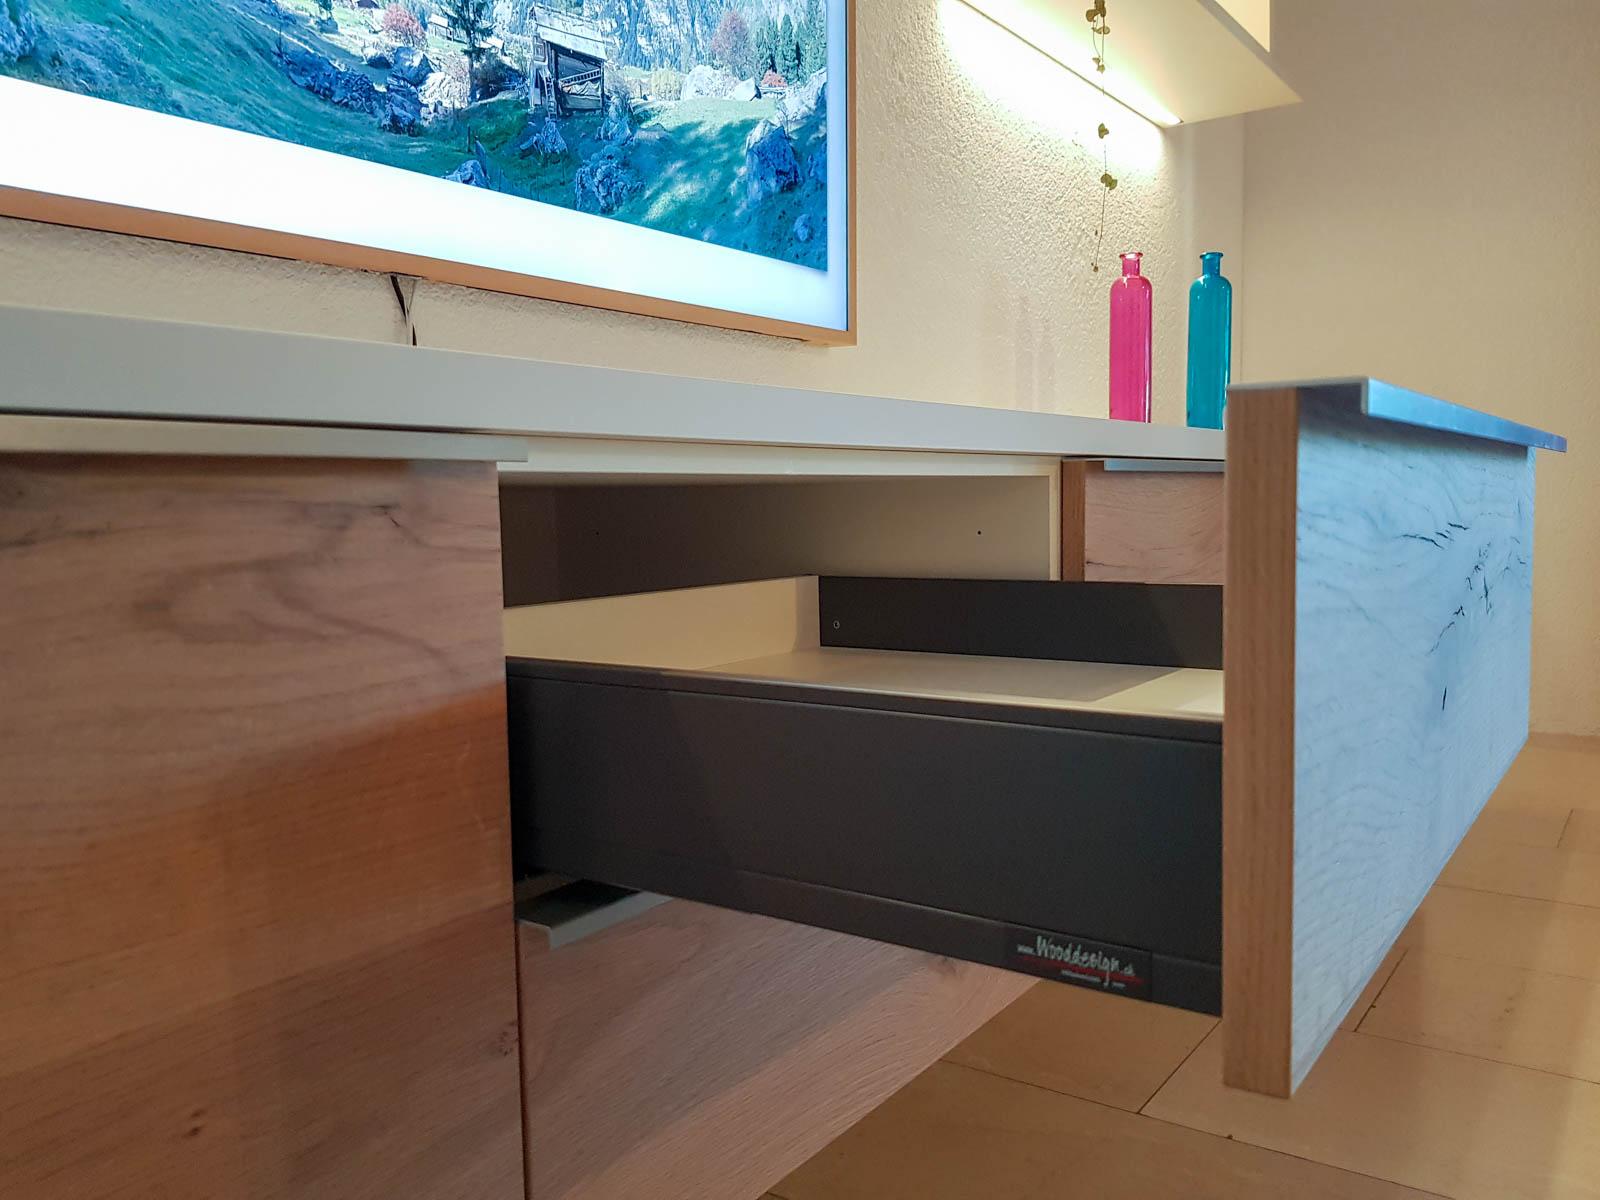 Wooddesign_Wohnzimmermöbel_Fernsehmöbel_ LED-Beleuchtung_Griffleisten_Eiche_Weissjpg (4)